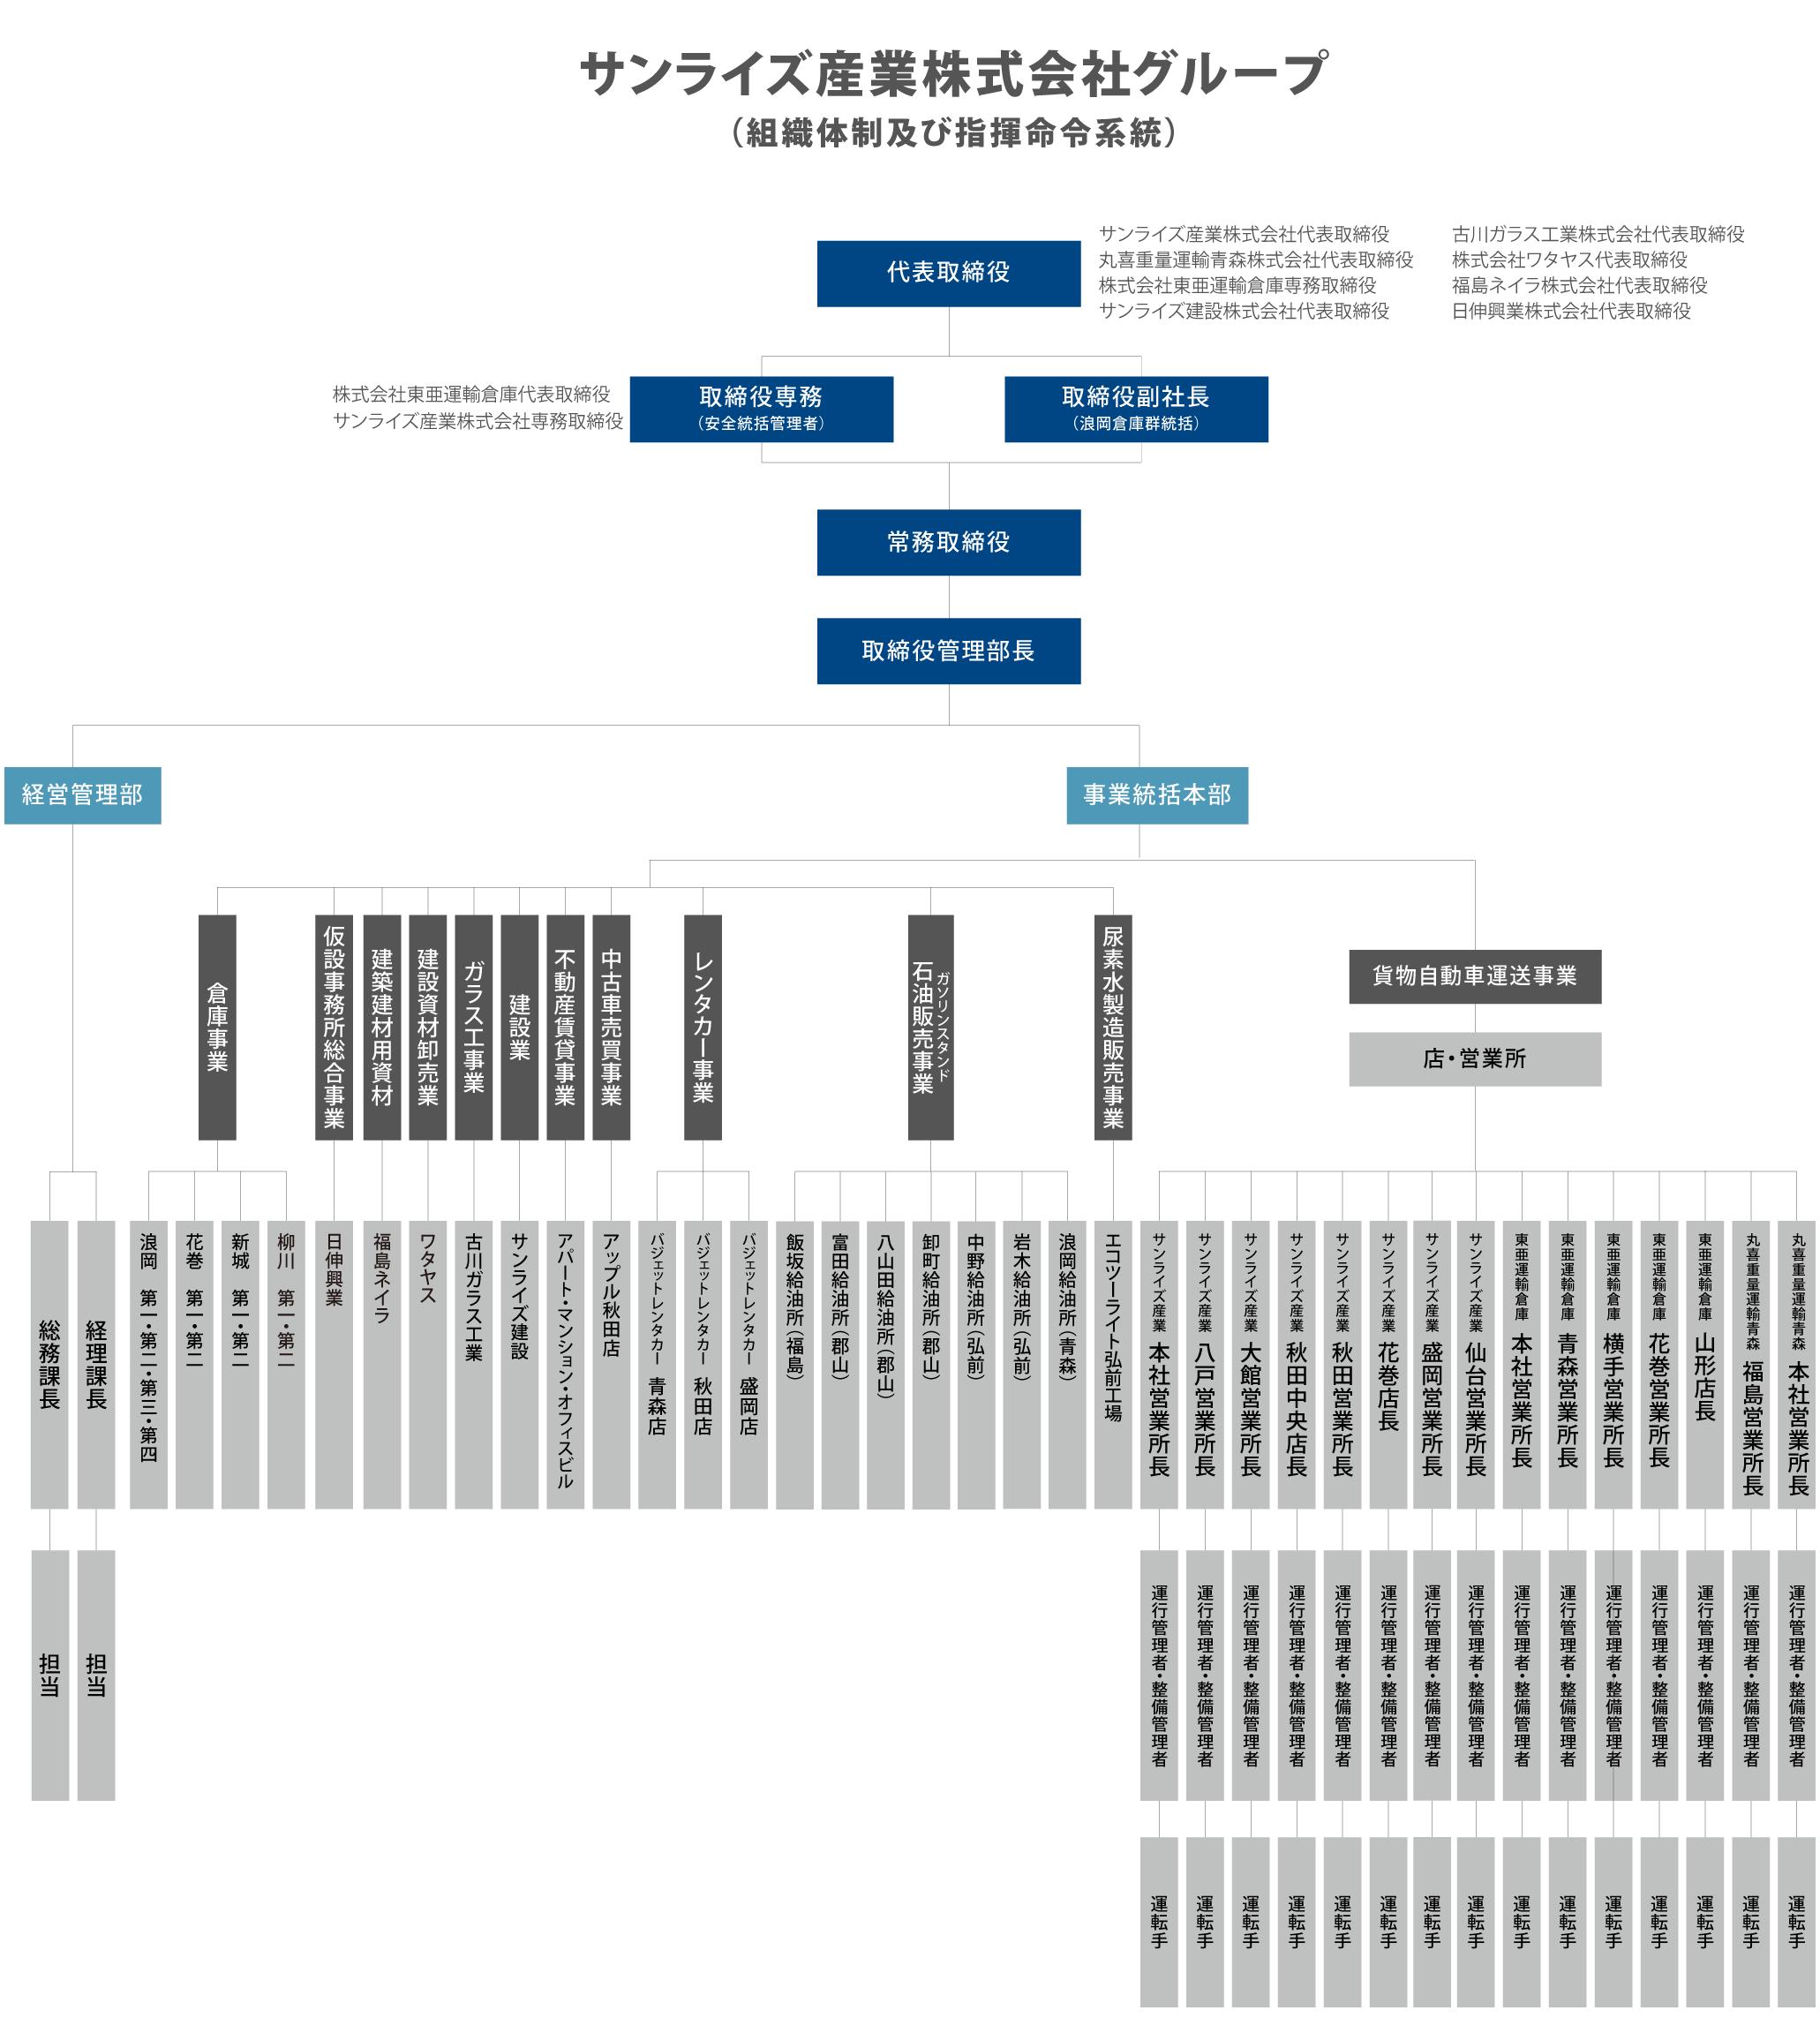 青森県弘前市の運送会社 サンライズ産業株式会社の組織図